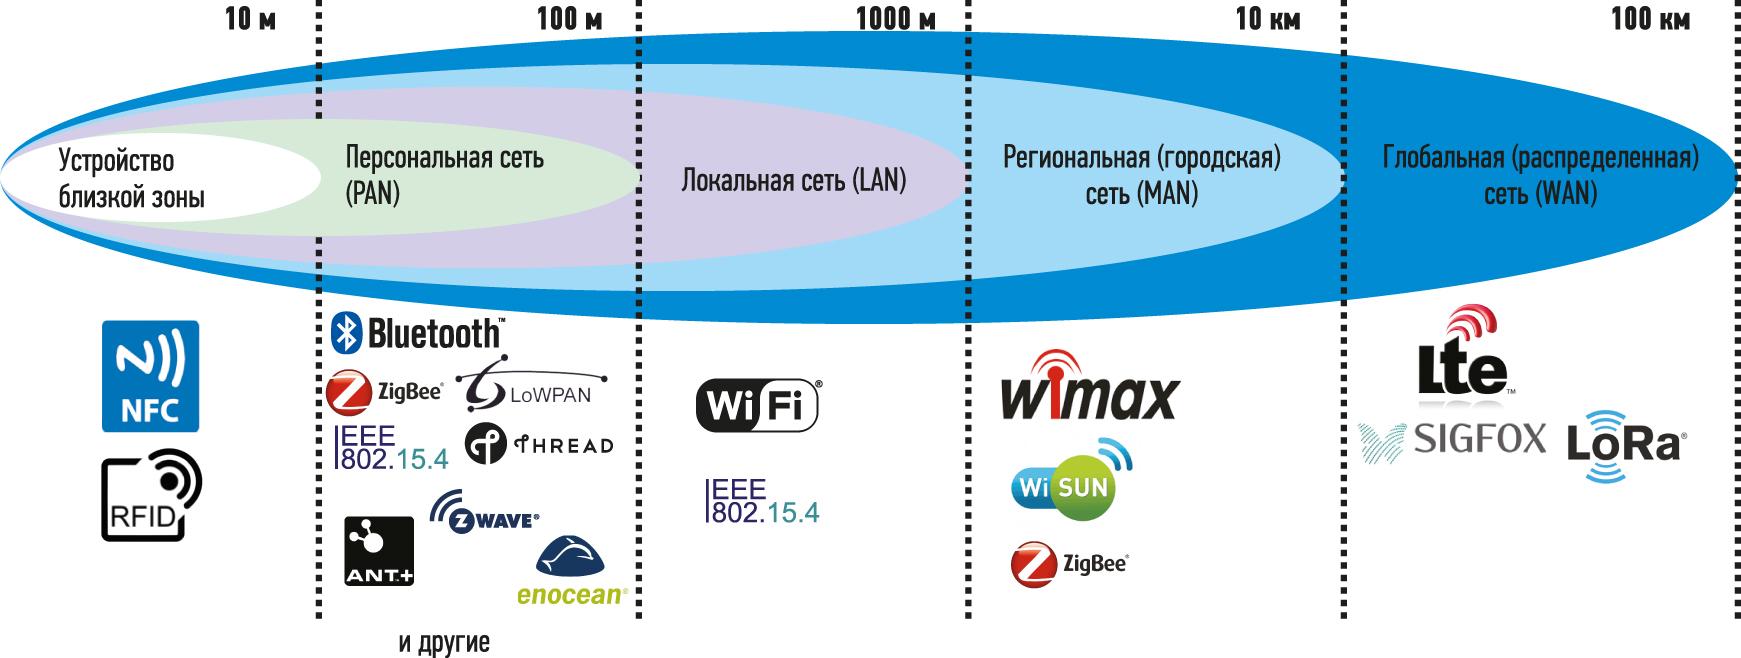 Место Wi-Fi по отношению к другим беспроводным IoT-технологиям